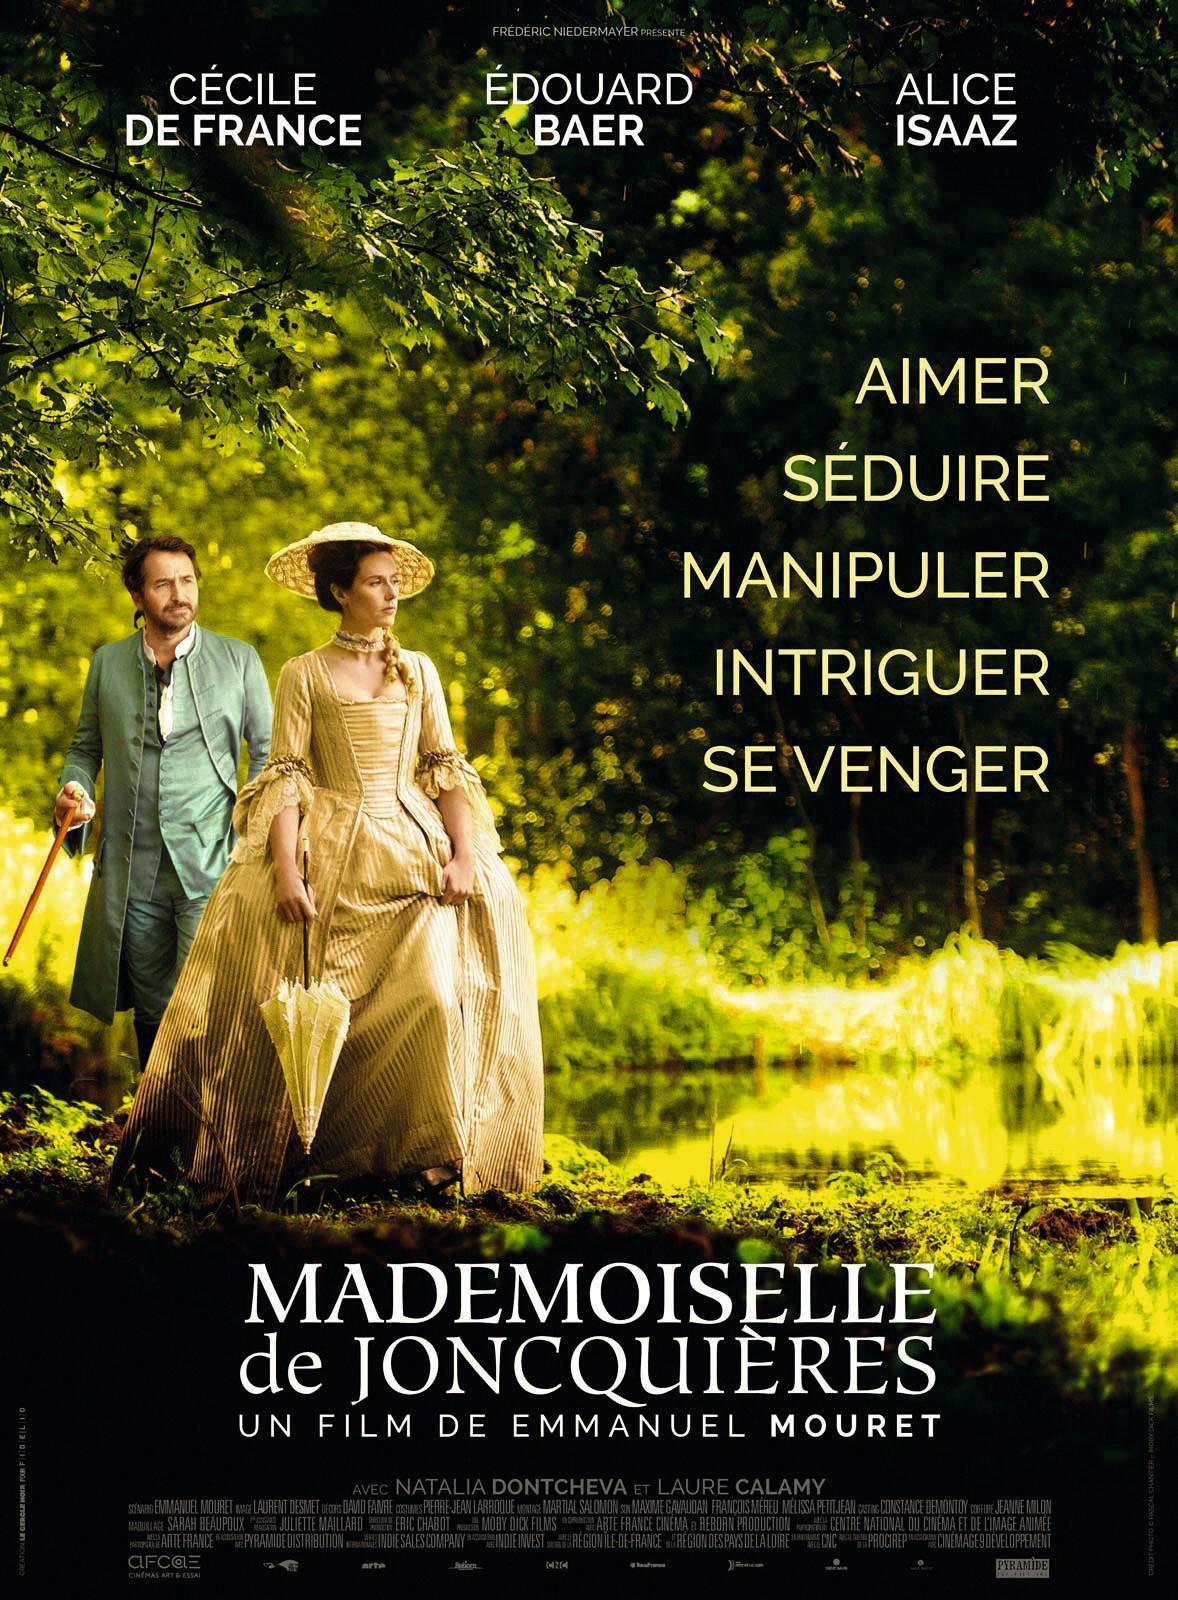 Emmanuel Mouret Mademoiselle de Joncquières